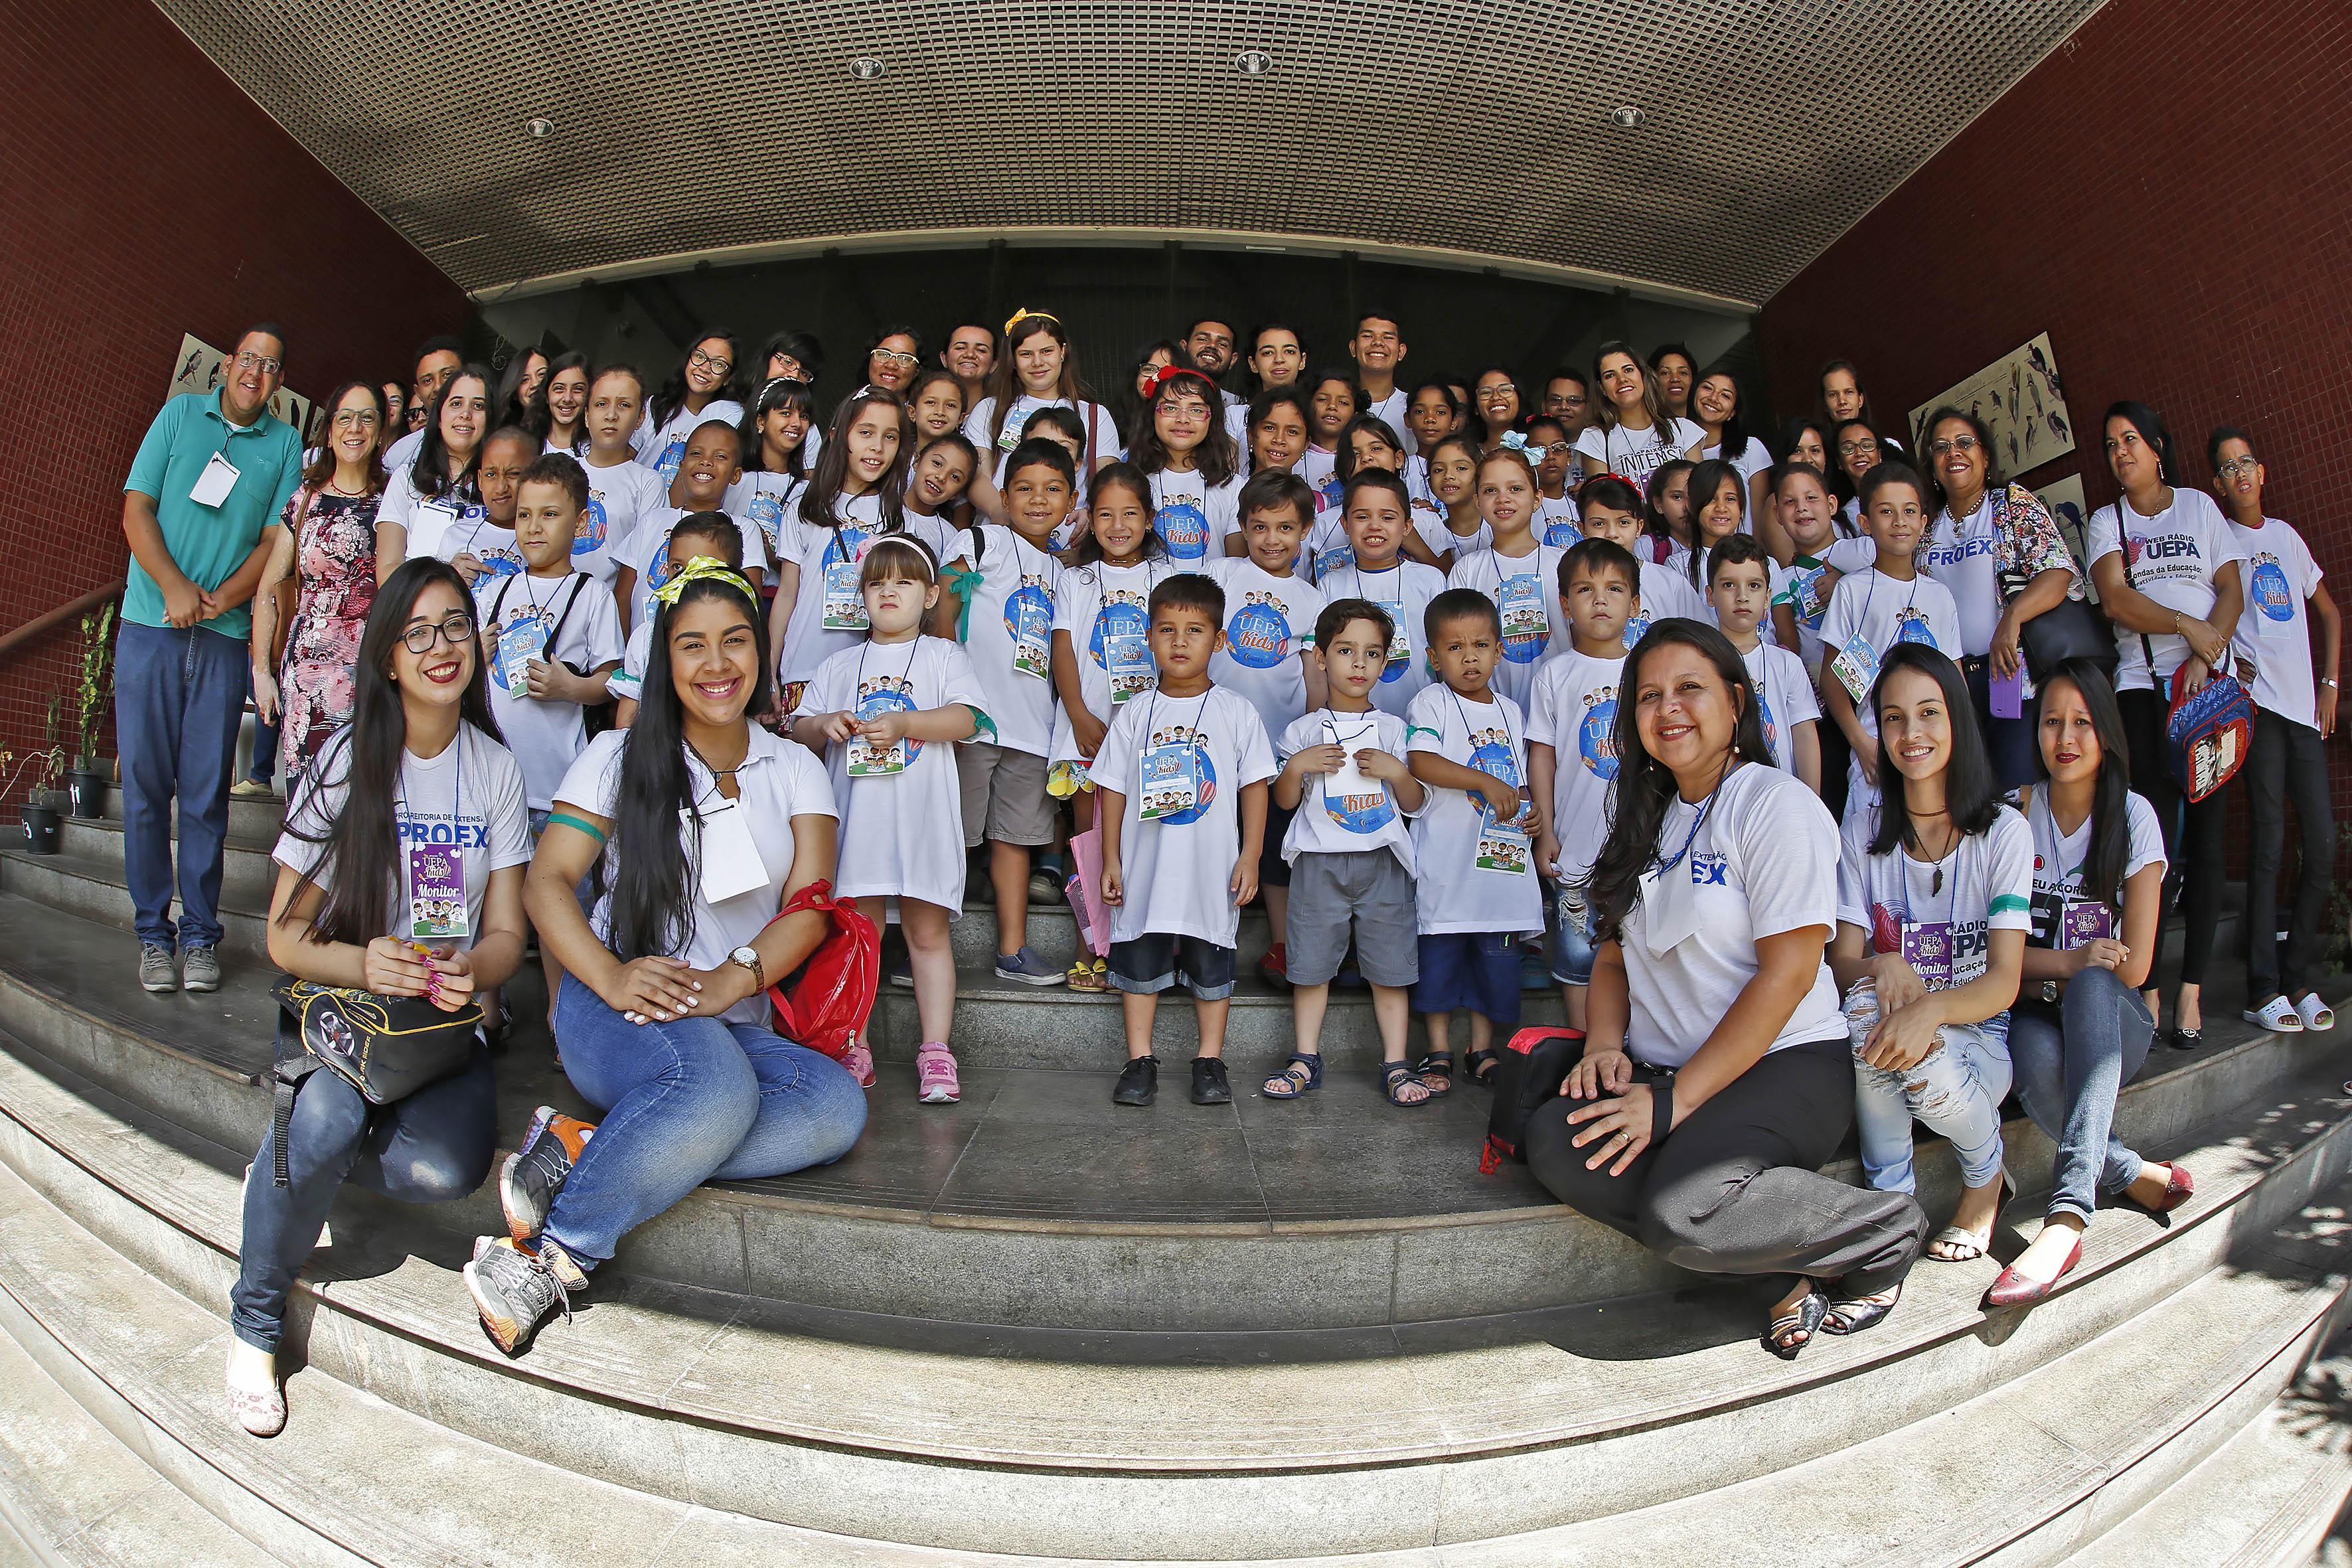 Uepa Kids foi sucesso com a criançada em julho